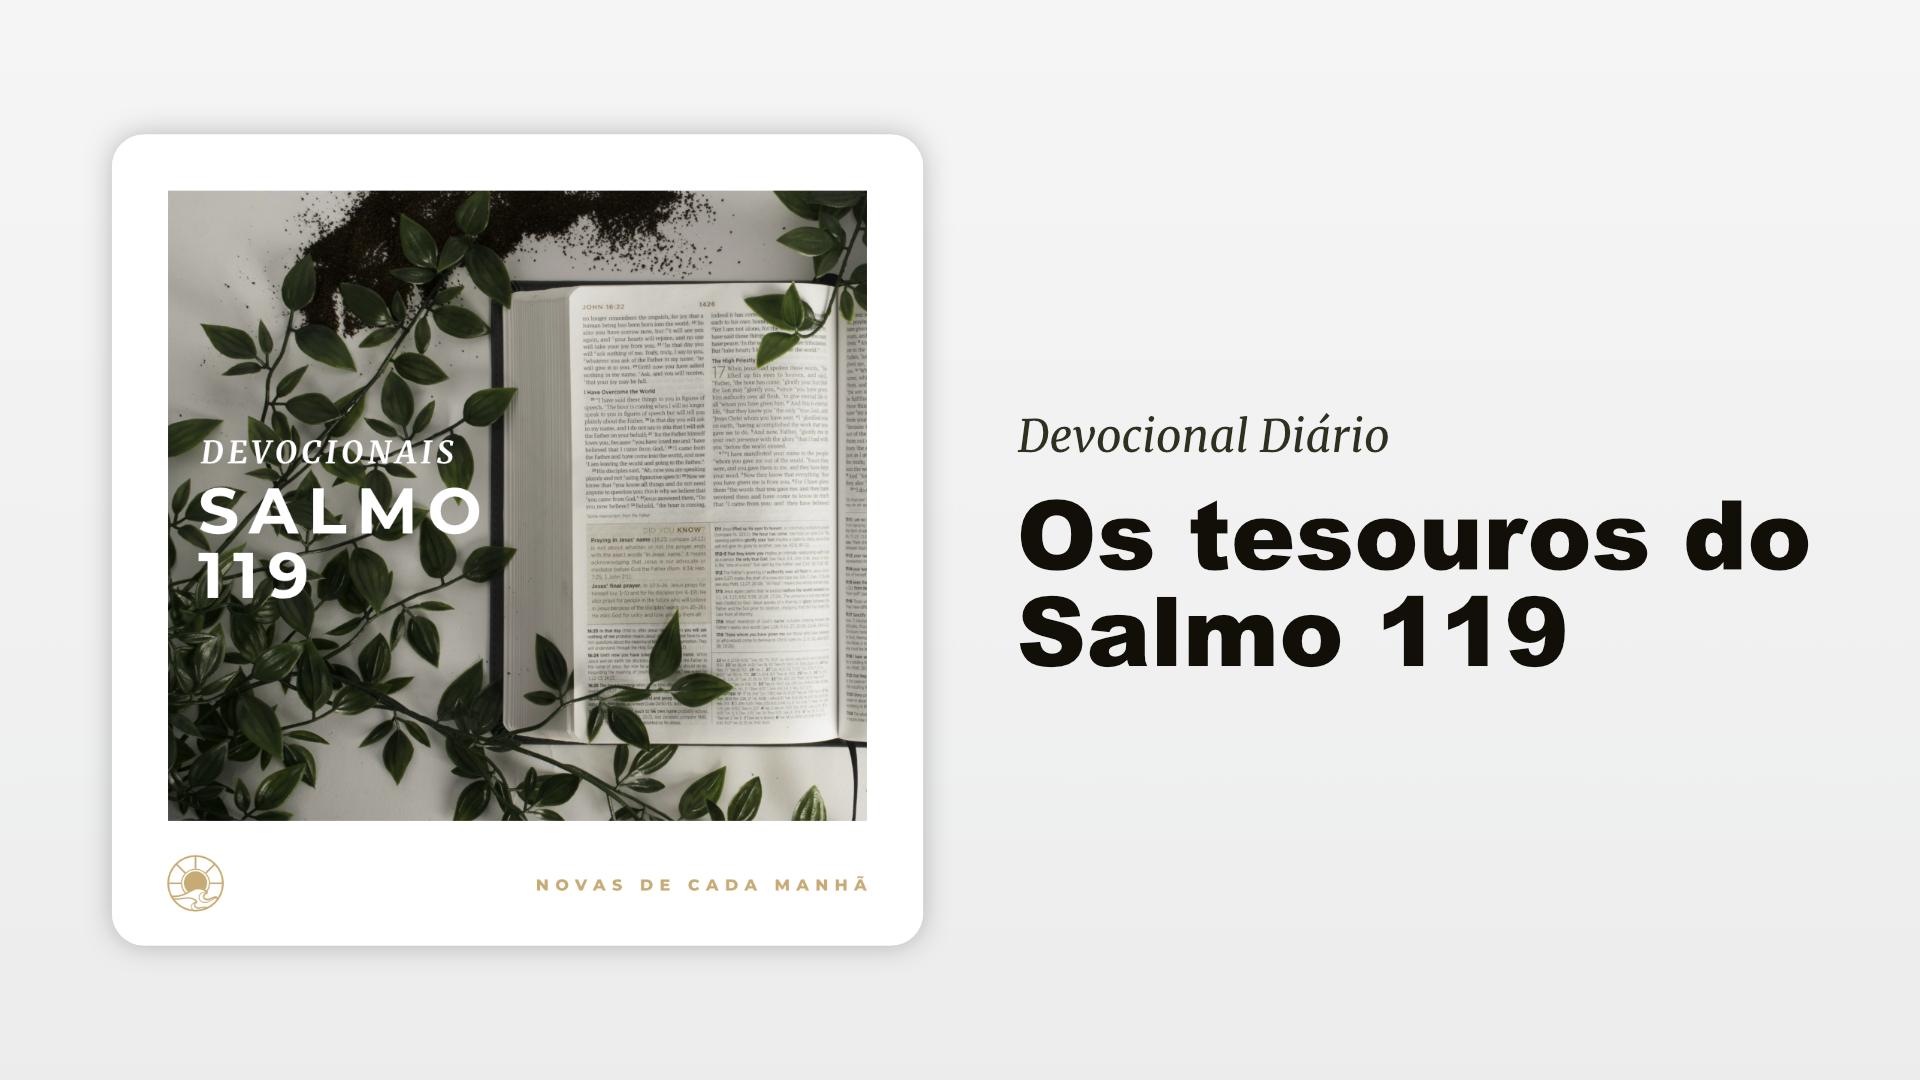 Devocional Diário - Salmo 119